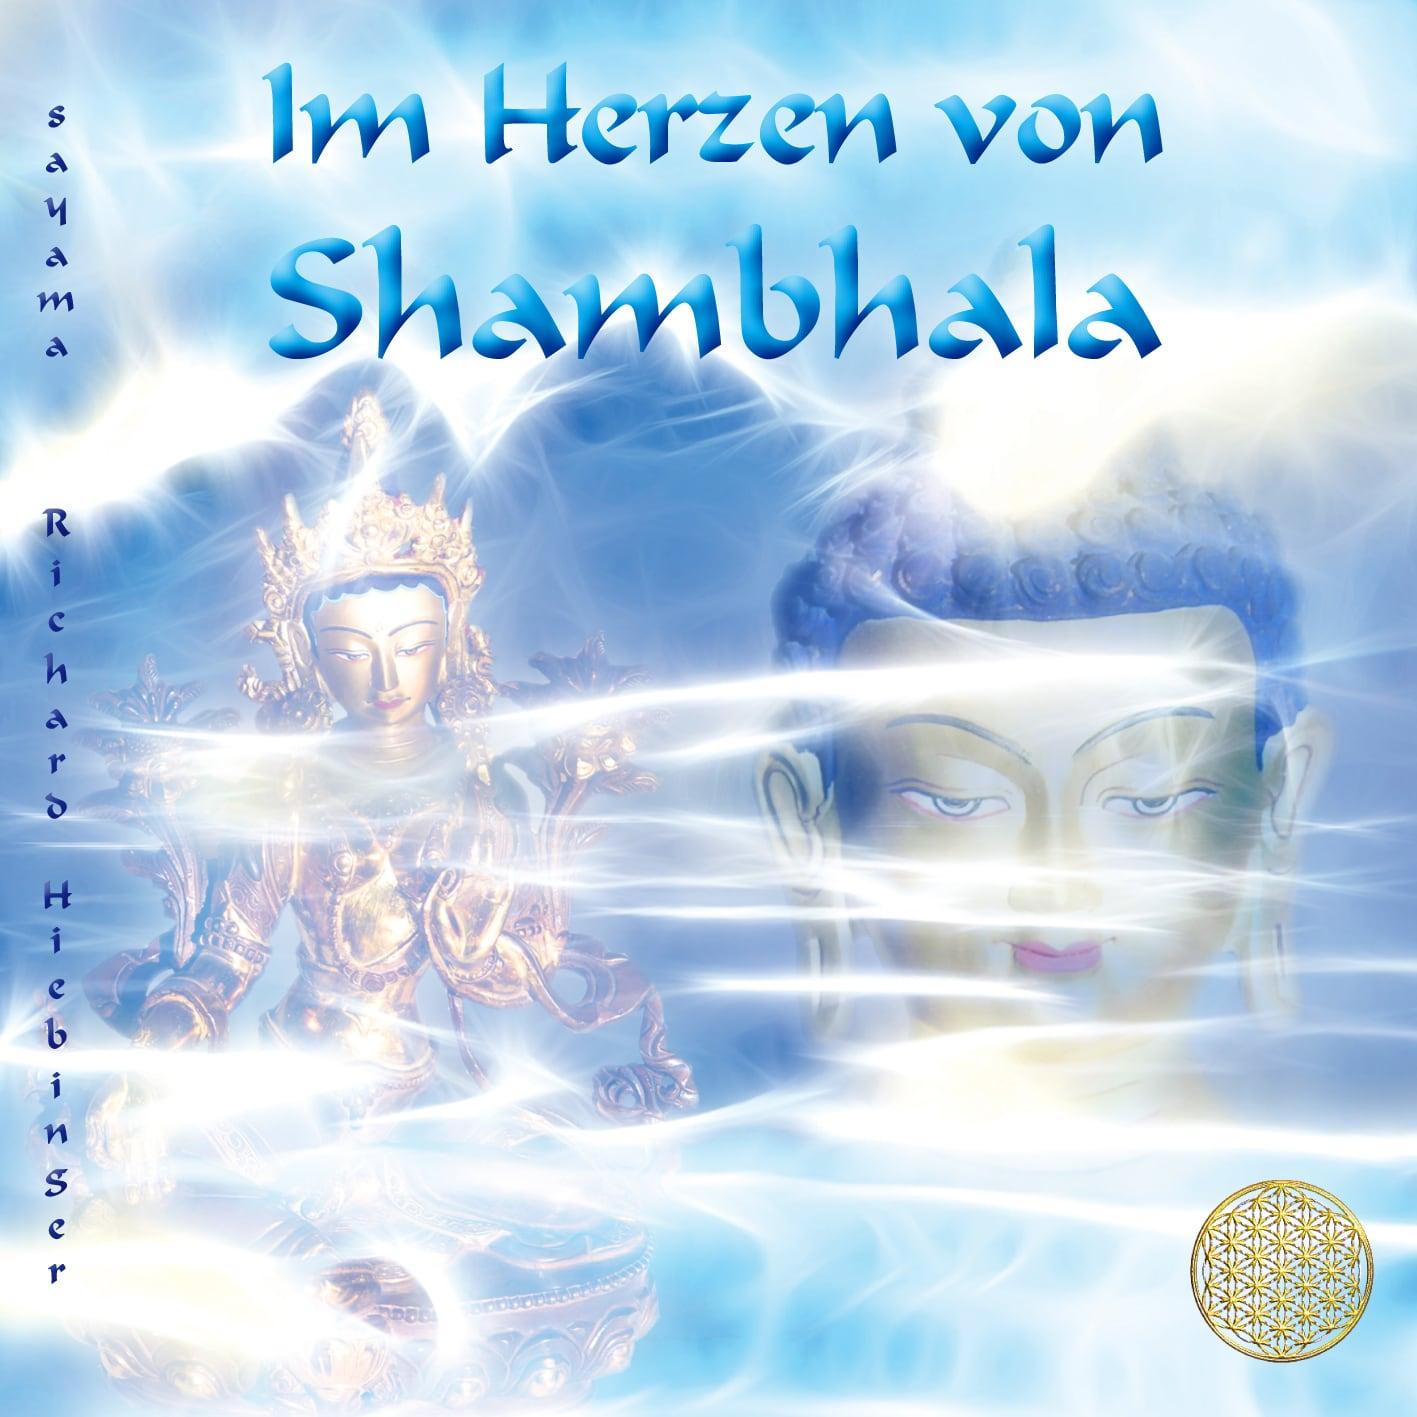 CD Titelbild Im Herzen von Shambhala von Sayama Music Richard Hiebinger. https://www.sayama-music.de/cds/im-herzen-von-shambhala/